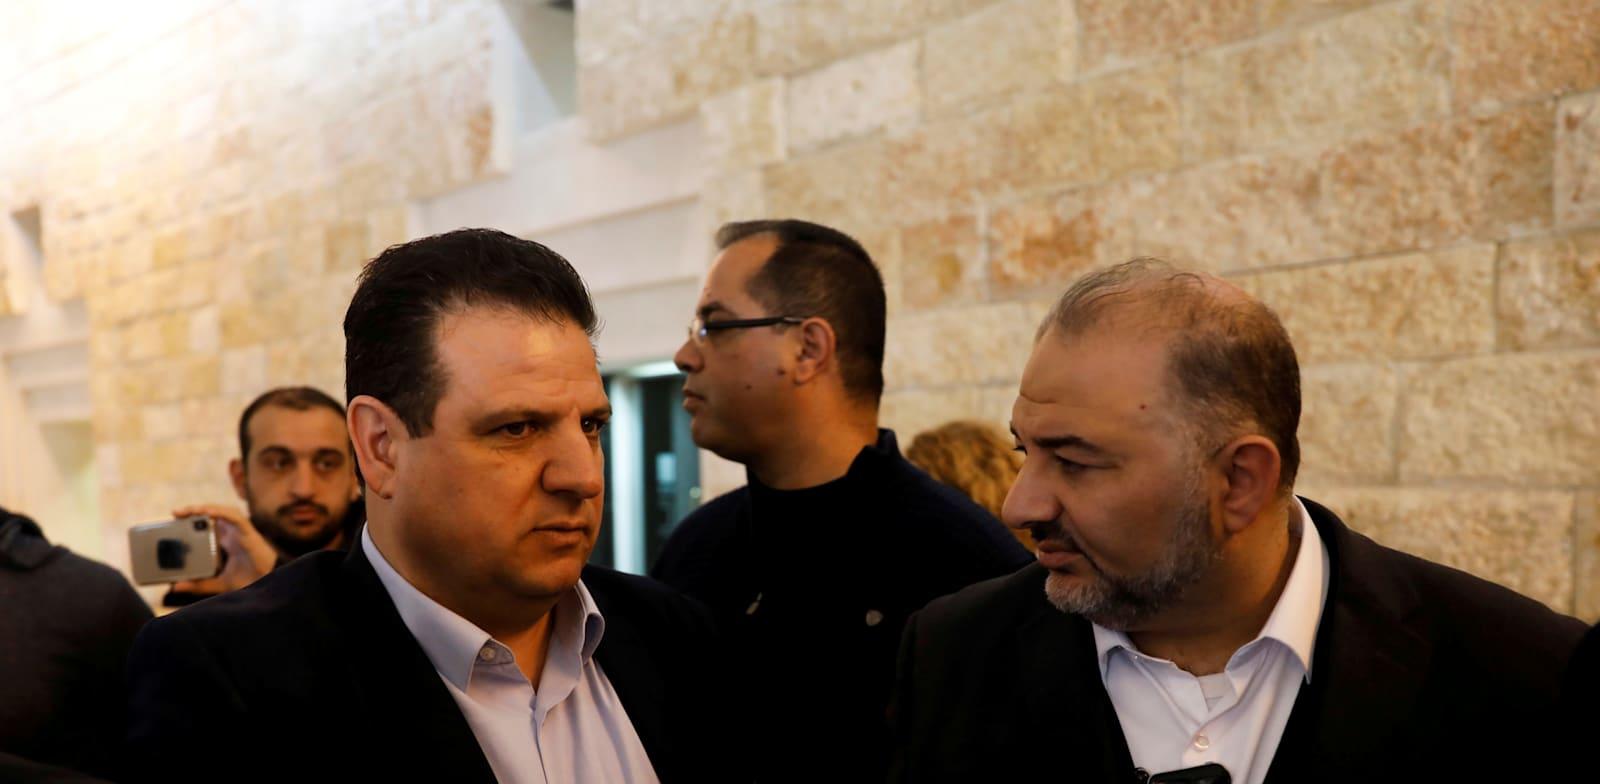 """יו""""ר רע""""ם מנסור עבאס ויו""""ר חד""""ש איימן עודה. ההגמוניה נשברה / צילום: Reuters, Ronen Zvulun"""